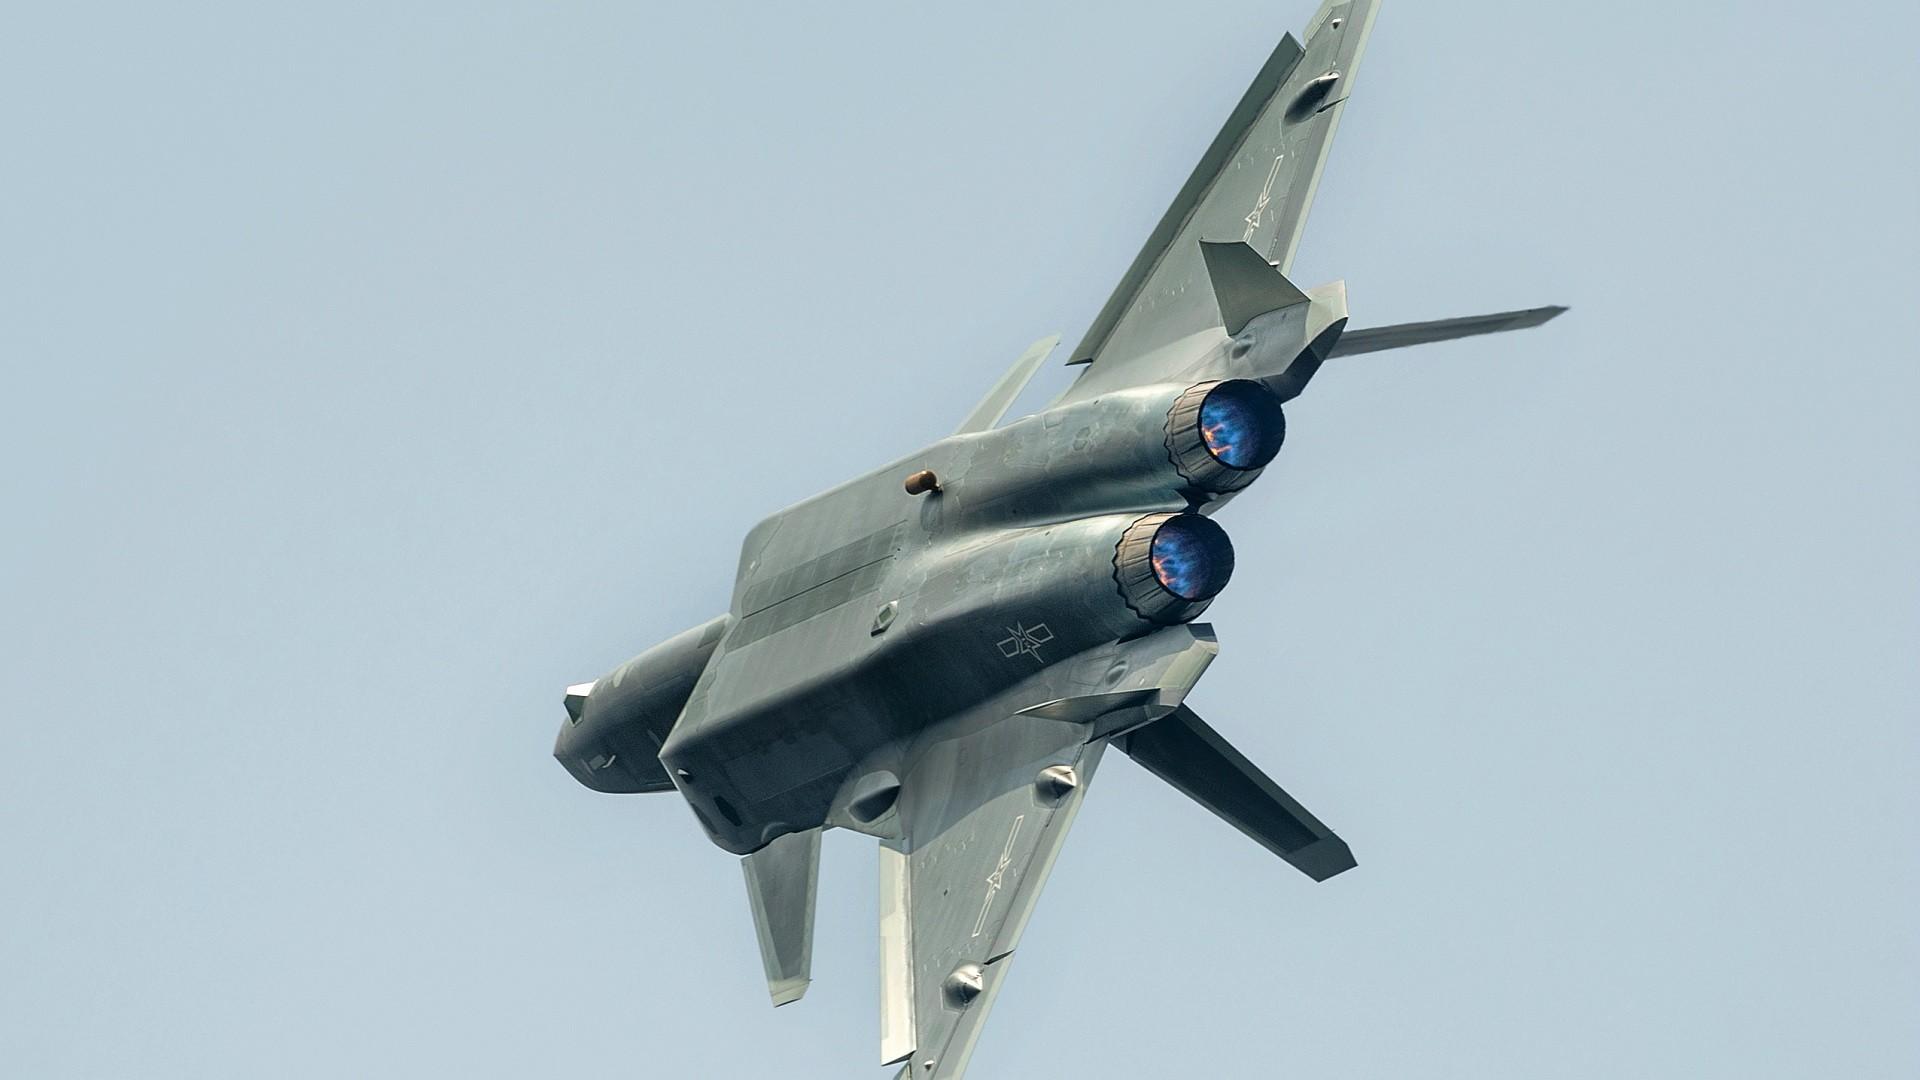 Fondos De Pantalla Vehículo Aeronave Militar Plaaf J20